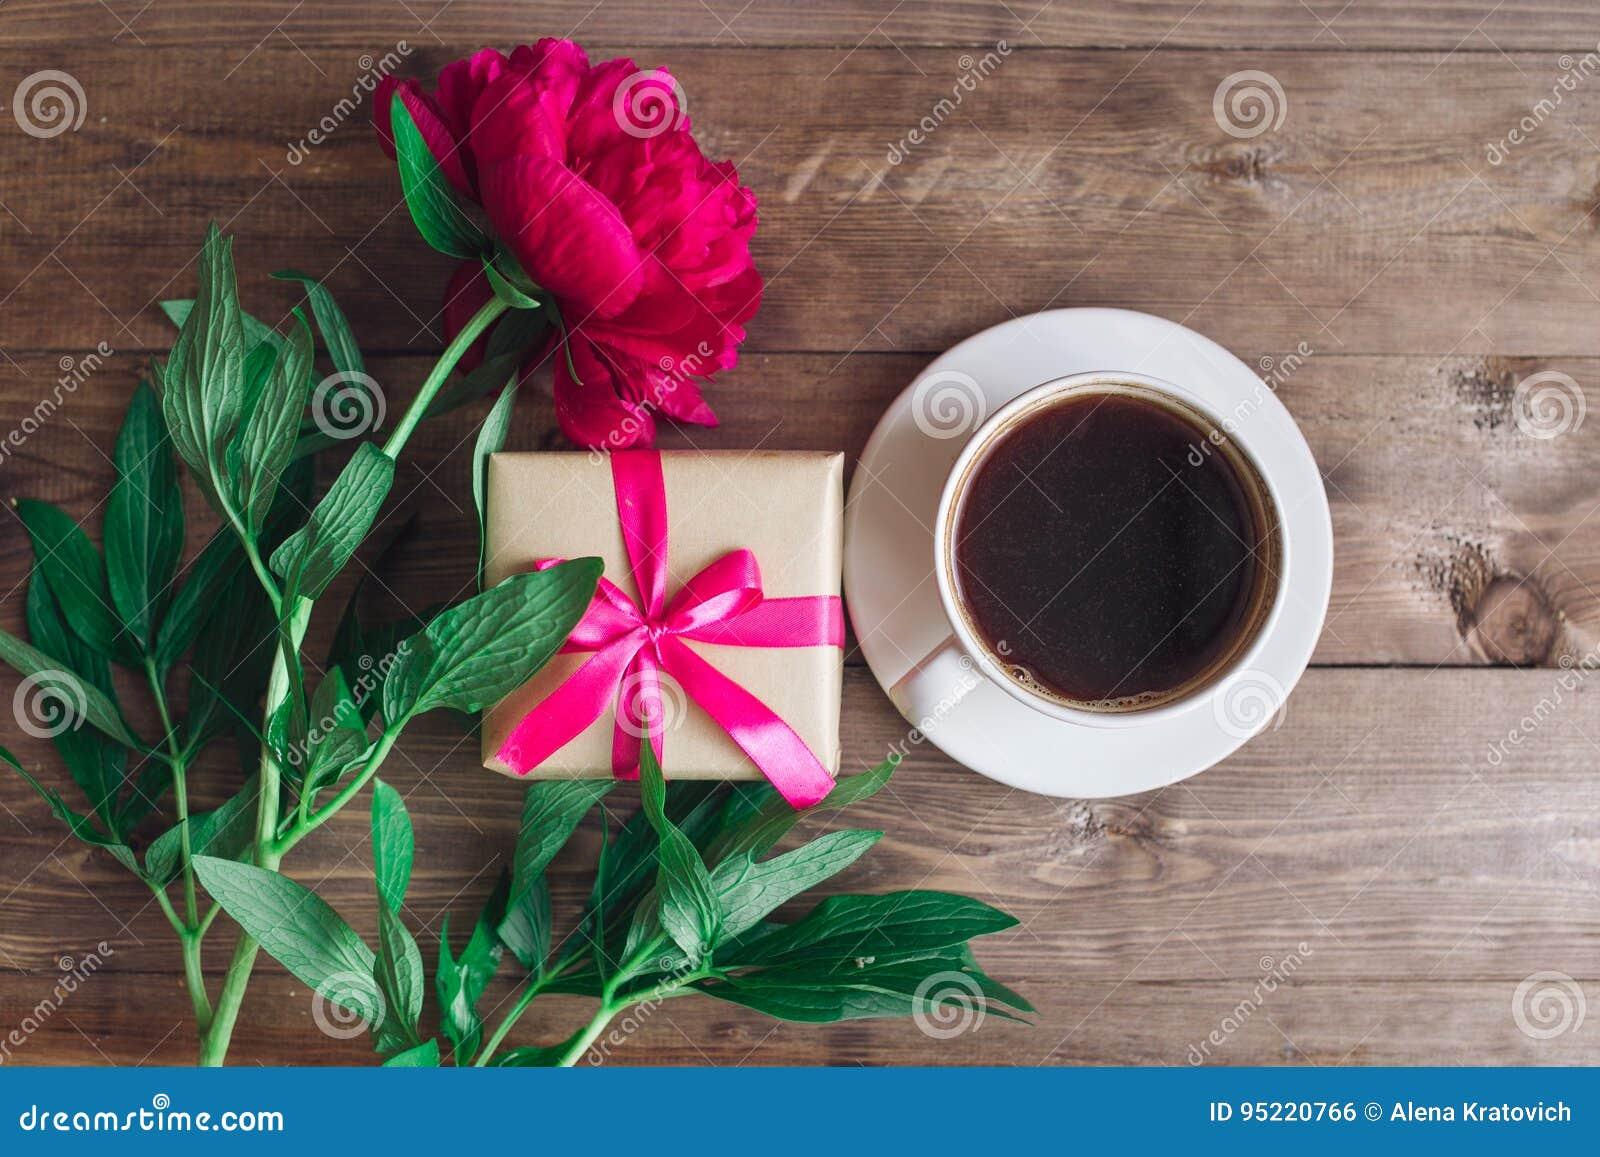 Guten Morgen Frauen S Oder Mutter S Tageshintergrund